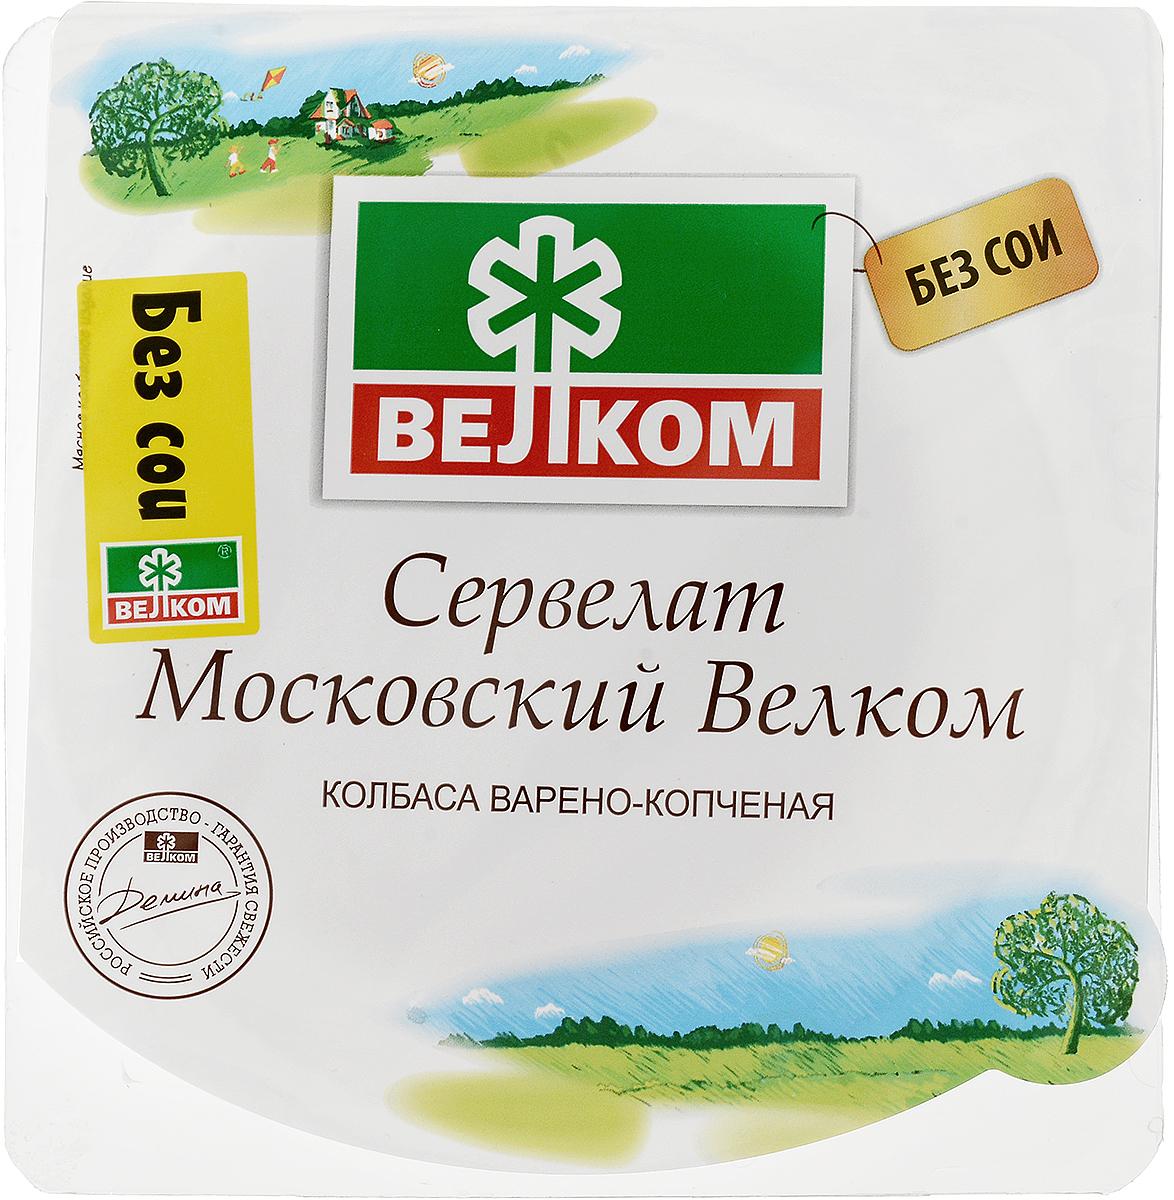 Велком Московский сервелат варено-копченый, 350 г дымов сервелат варено копченый 330 г